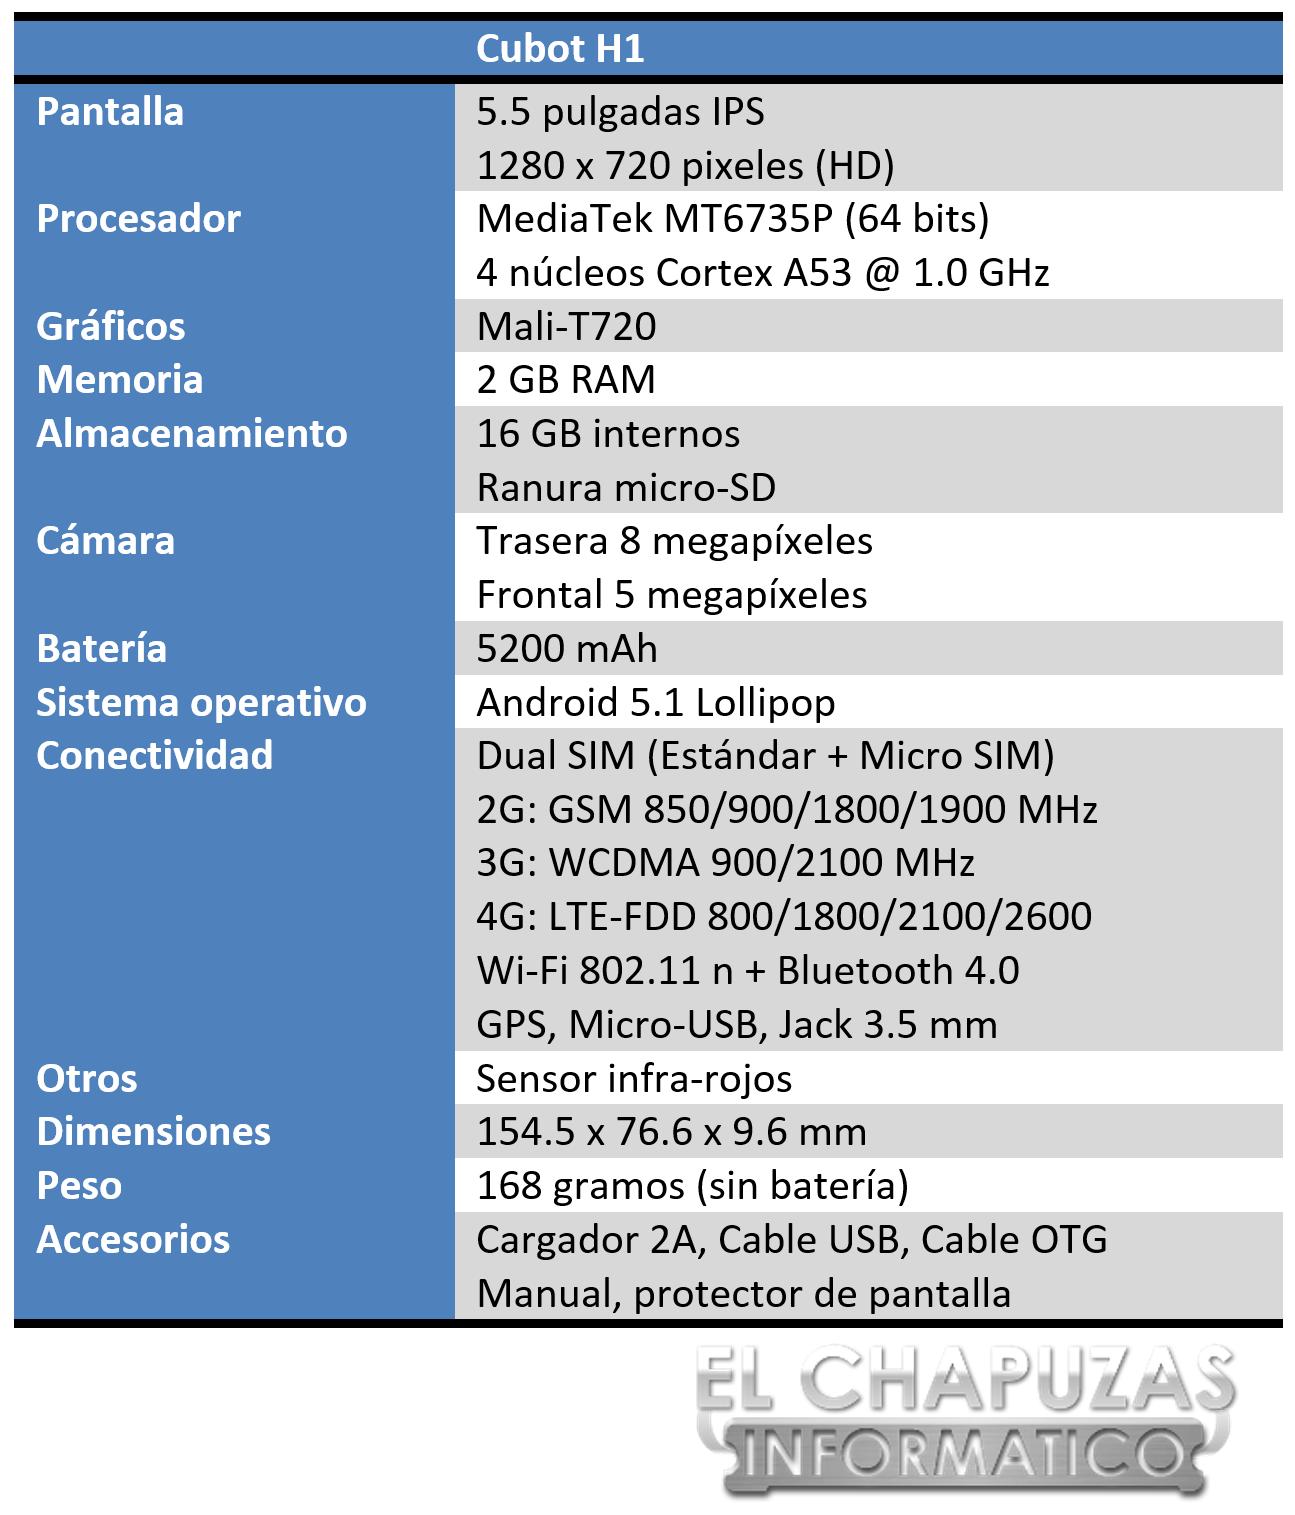 Cubot H1 Especificaciones